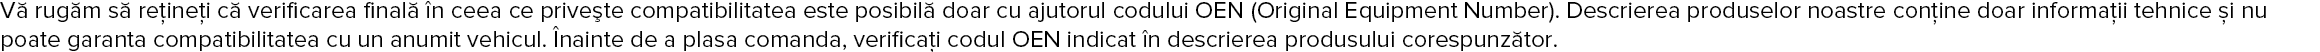 DENSO 670.4.016.1B, ZH98000-2000, 92070-1143, 92070-1148, 92070-1151 Bujii